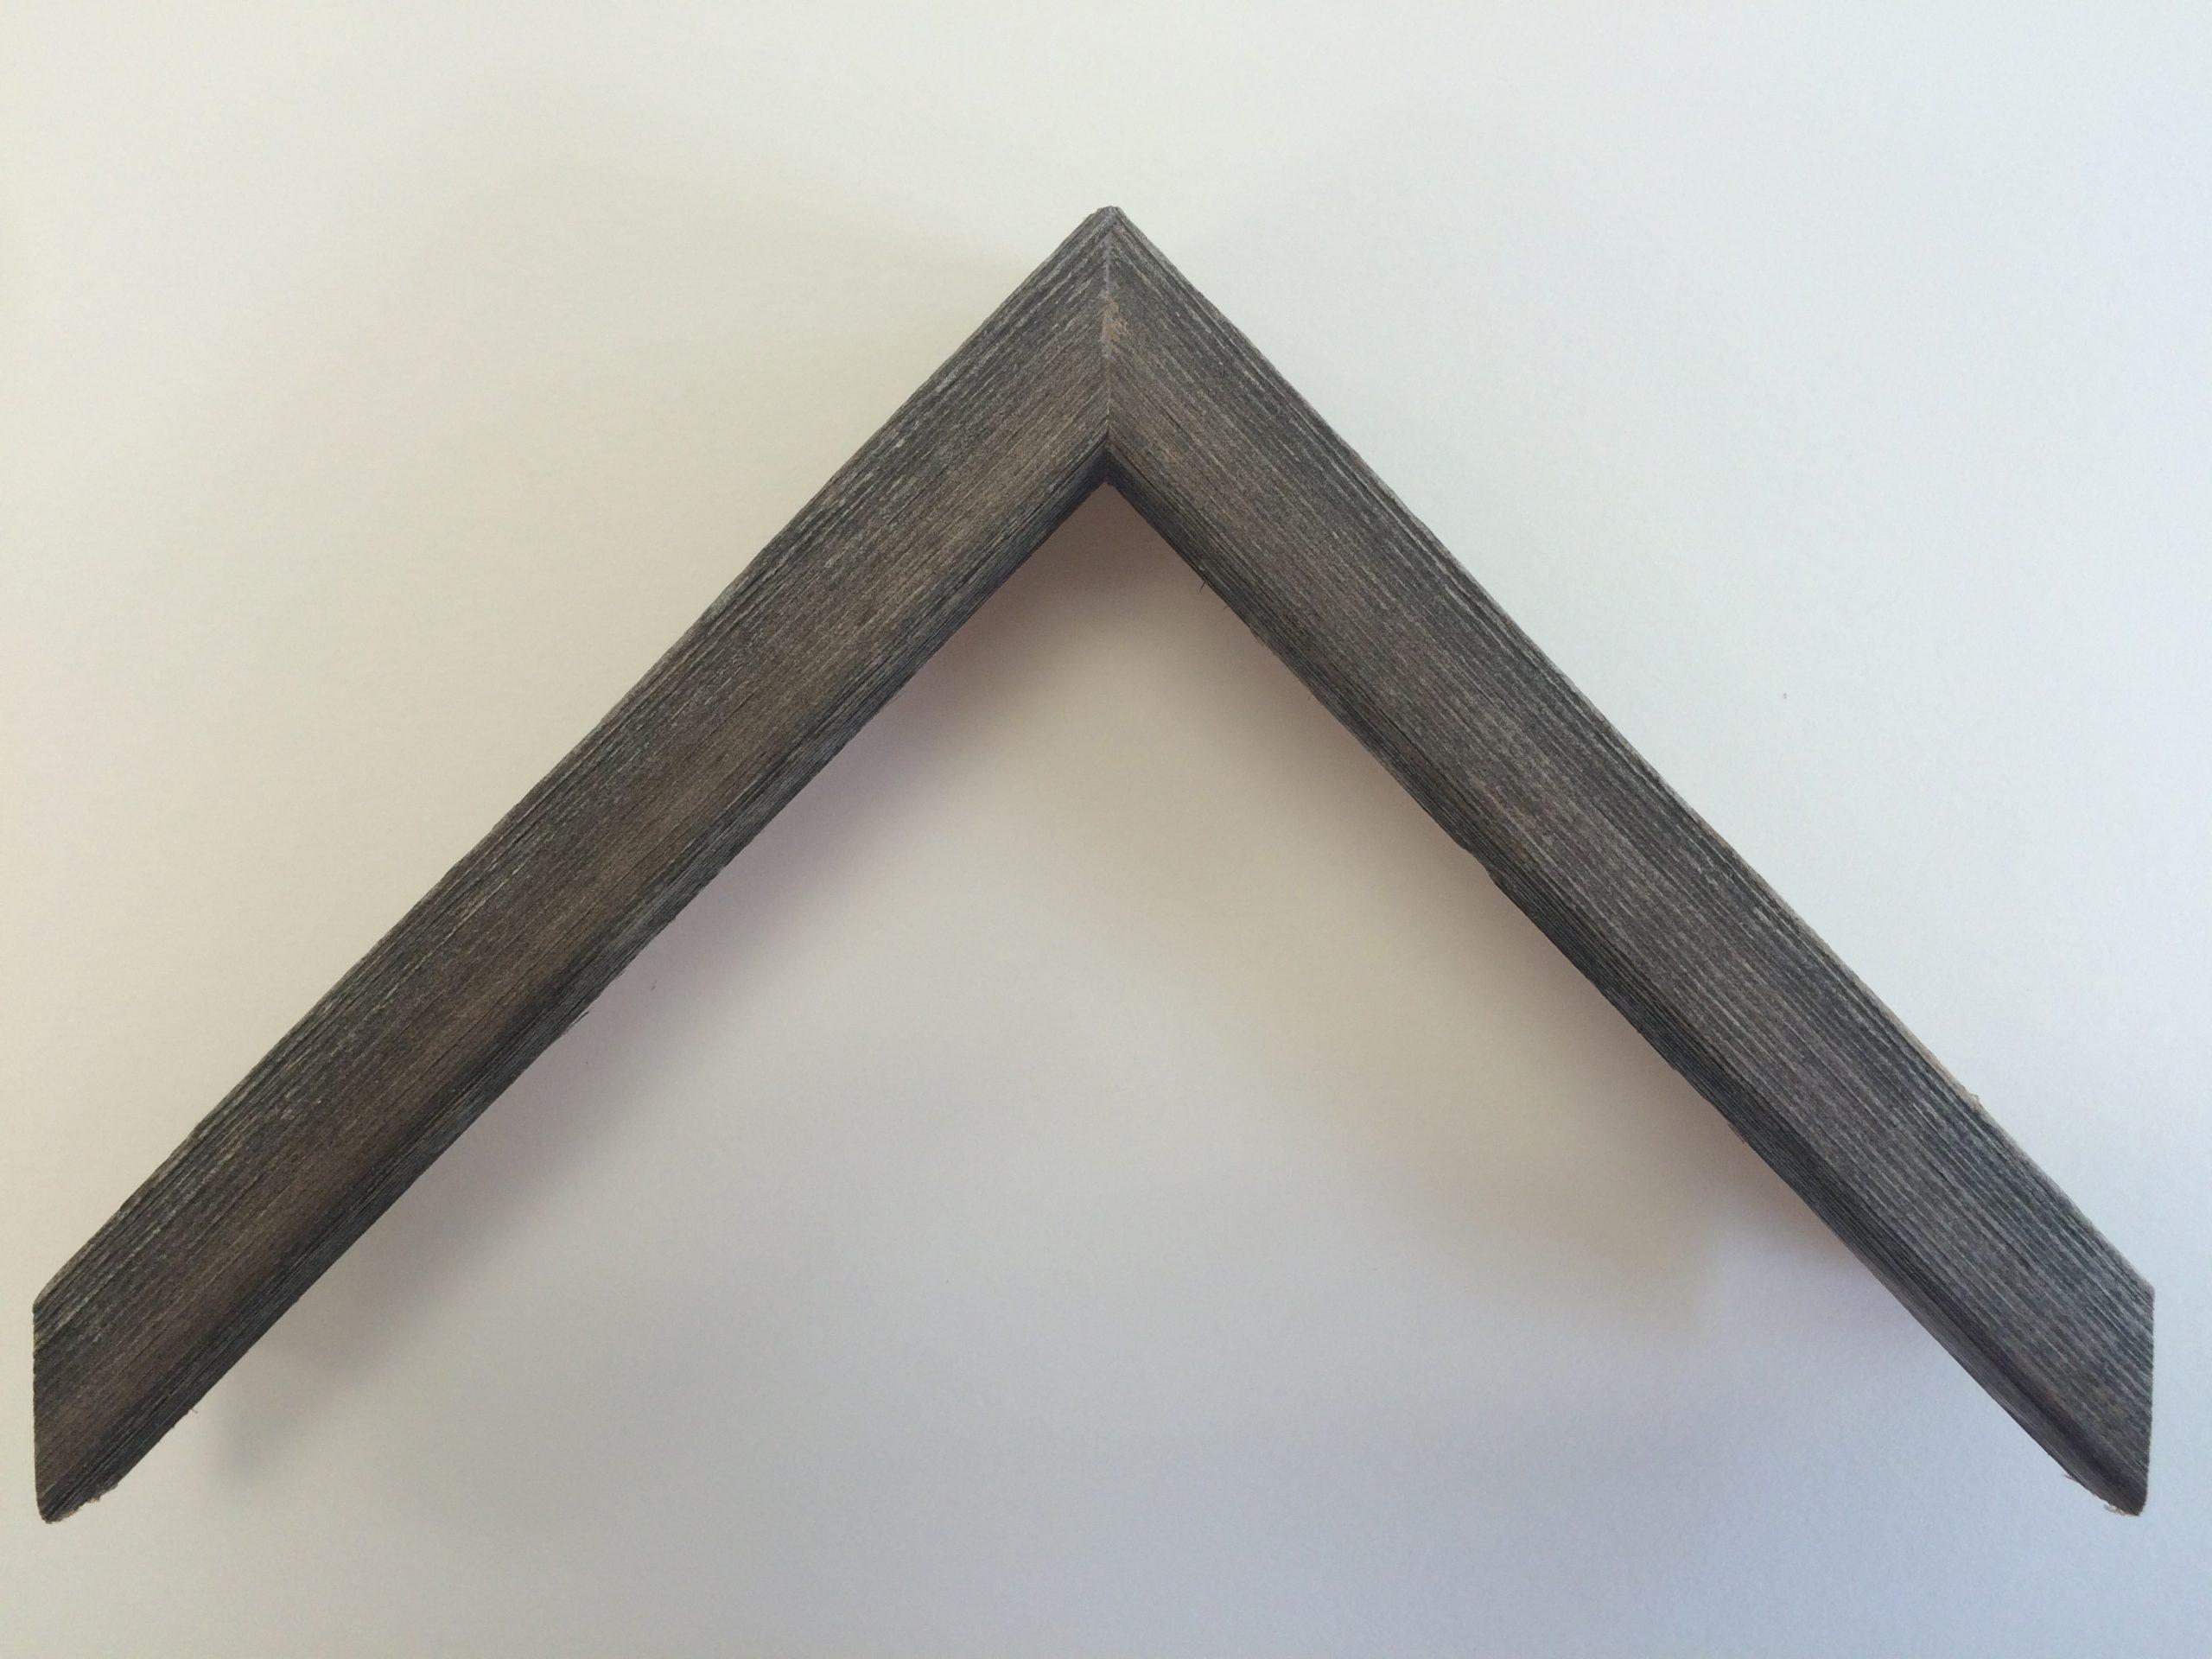 Barnwood Cap in natural grey